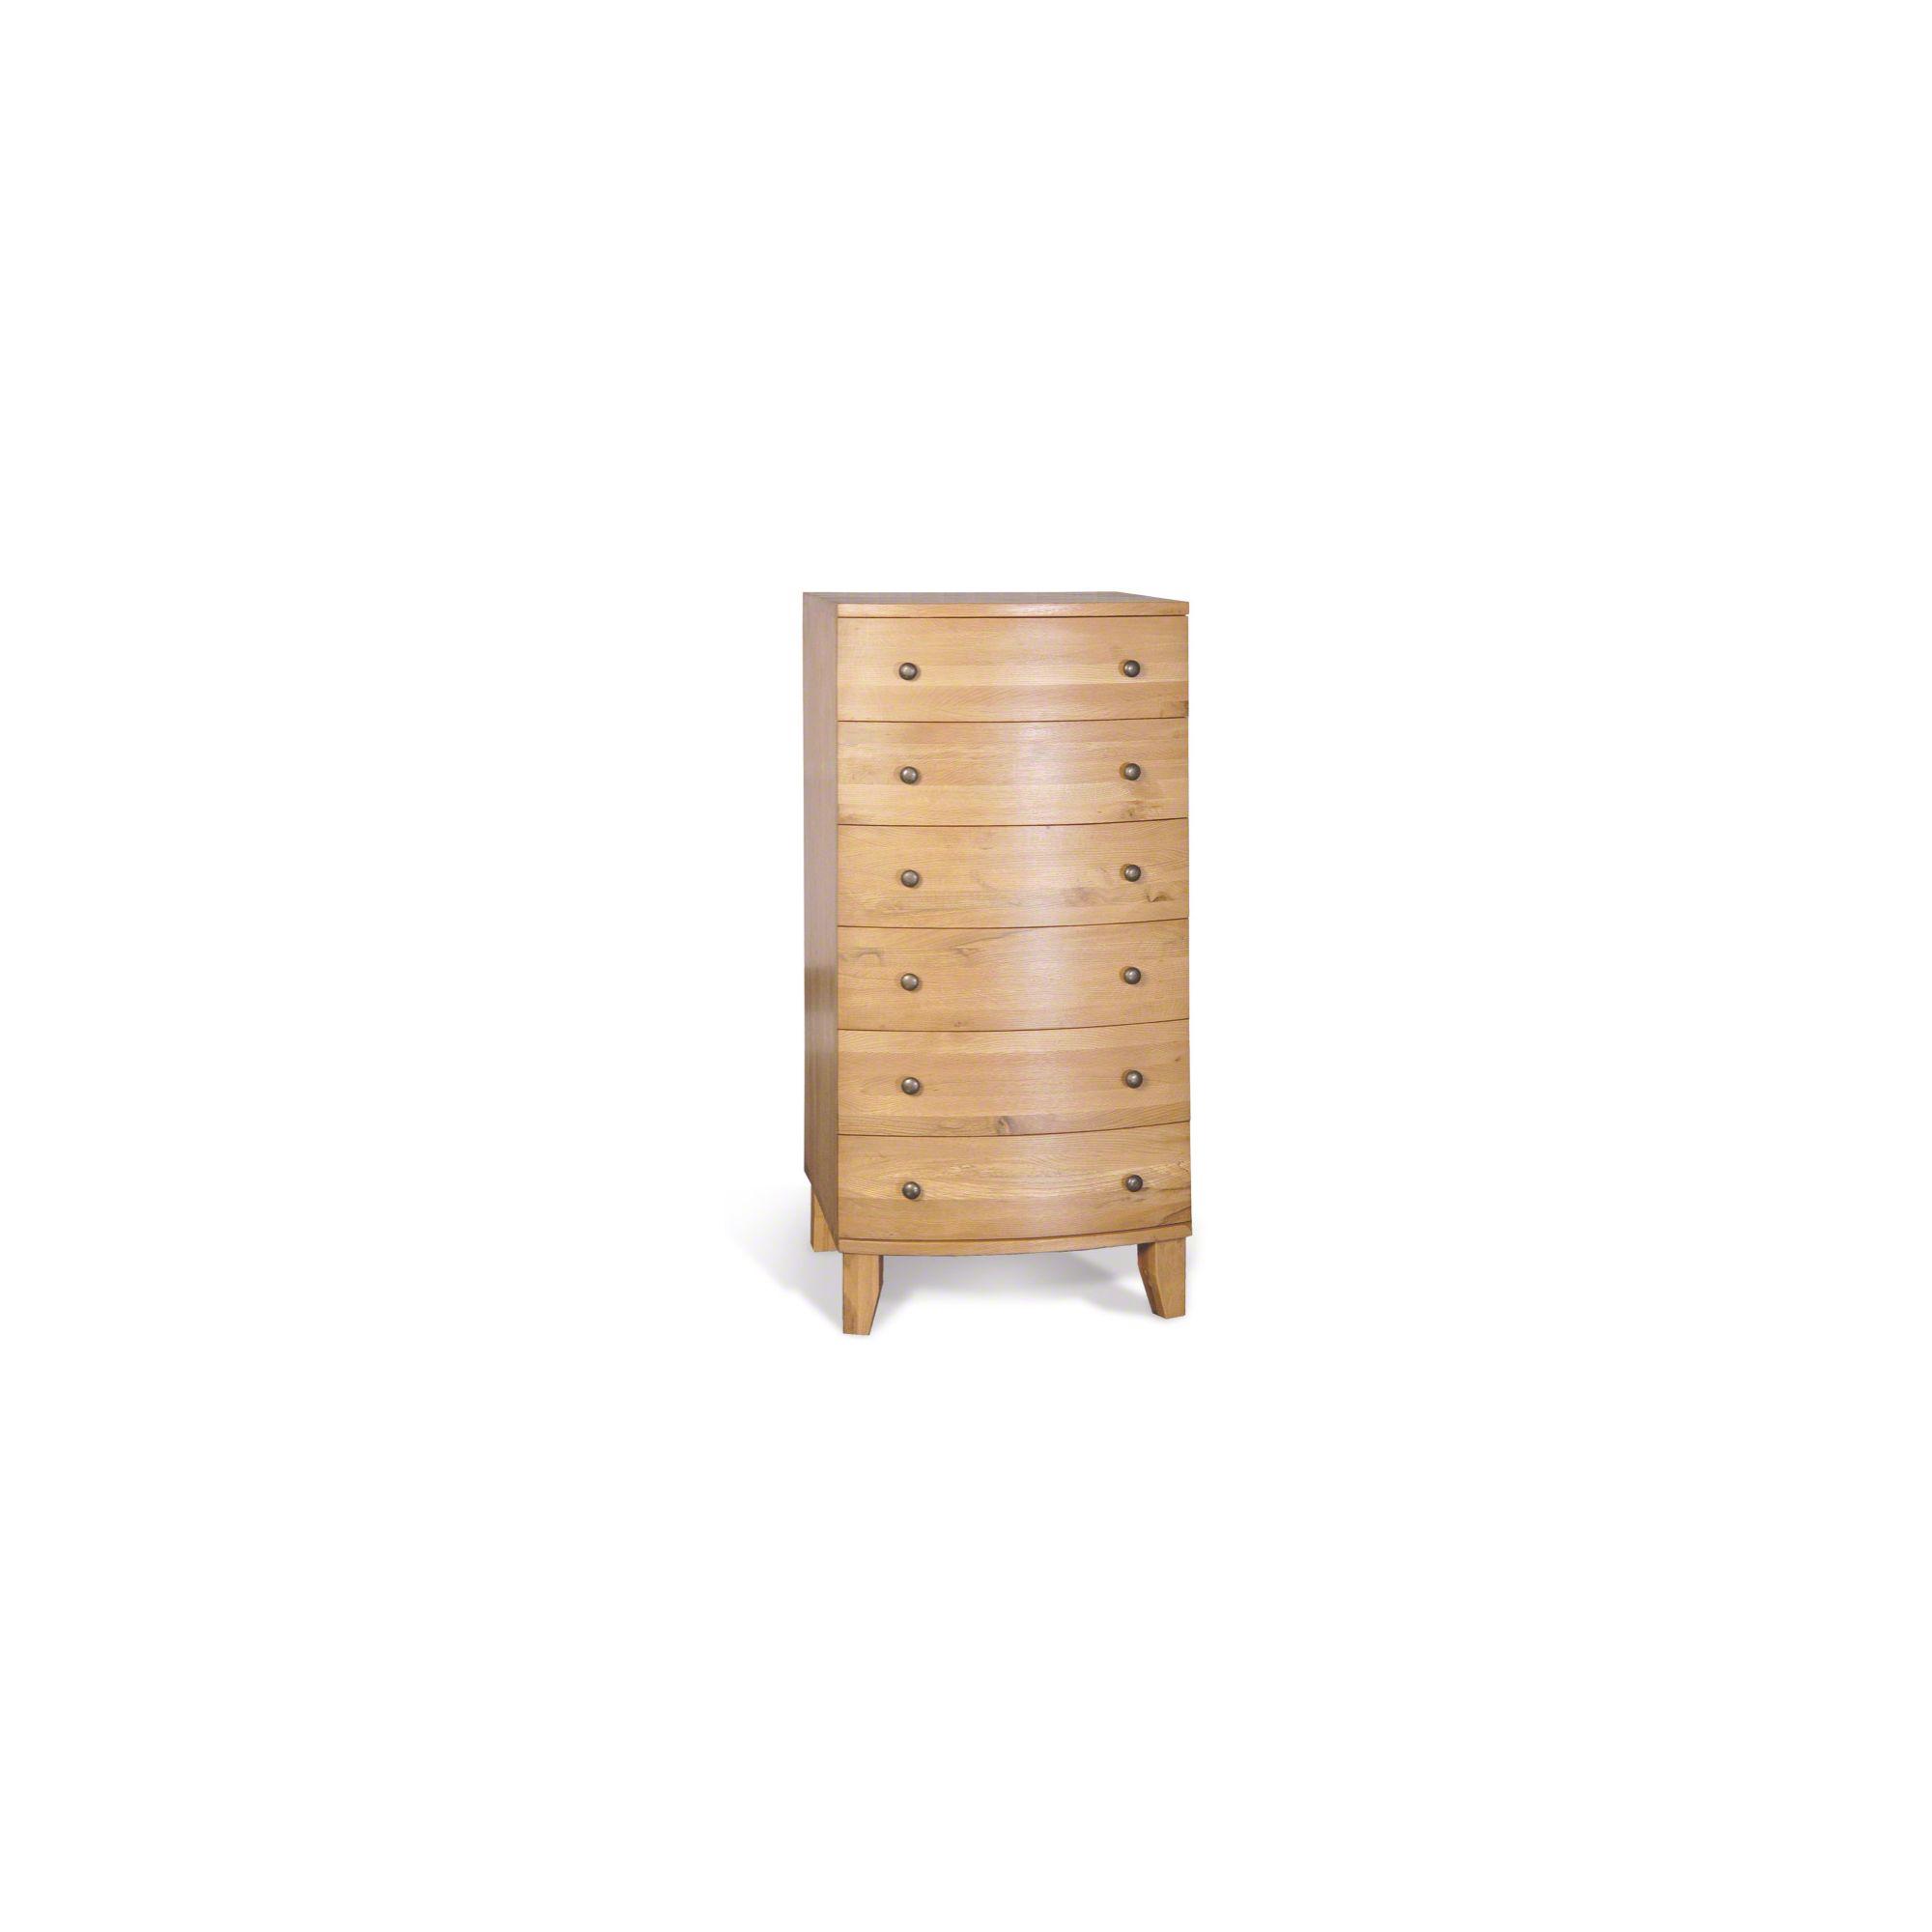 Oceans Apart Cordoba Pine Six Drawer Tallboy - Oak at Tesco Direct